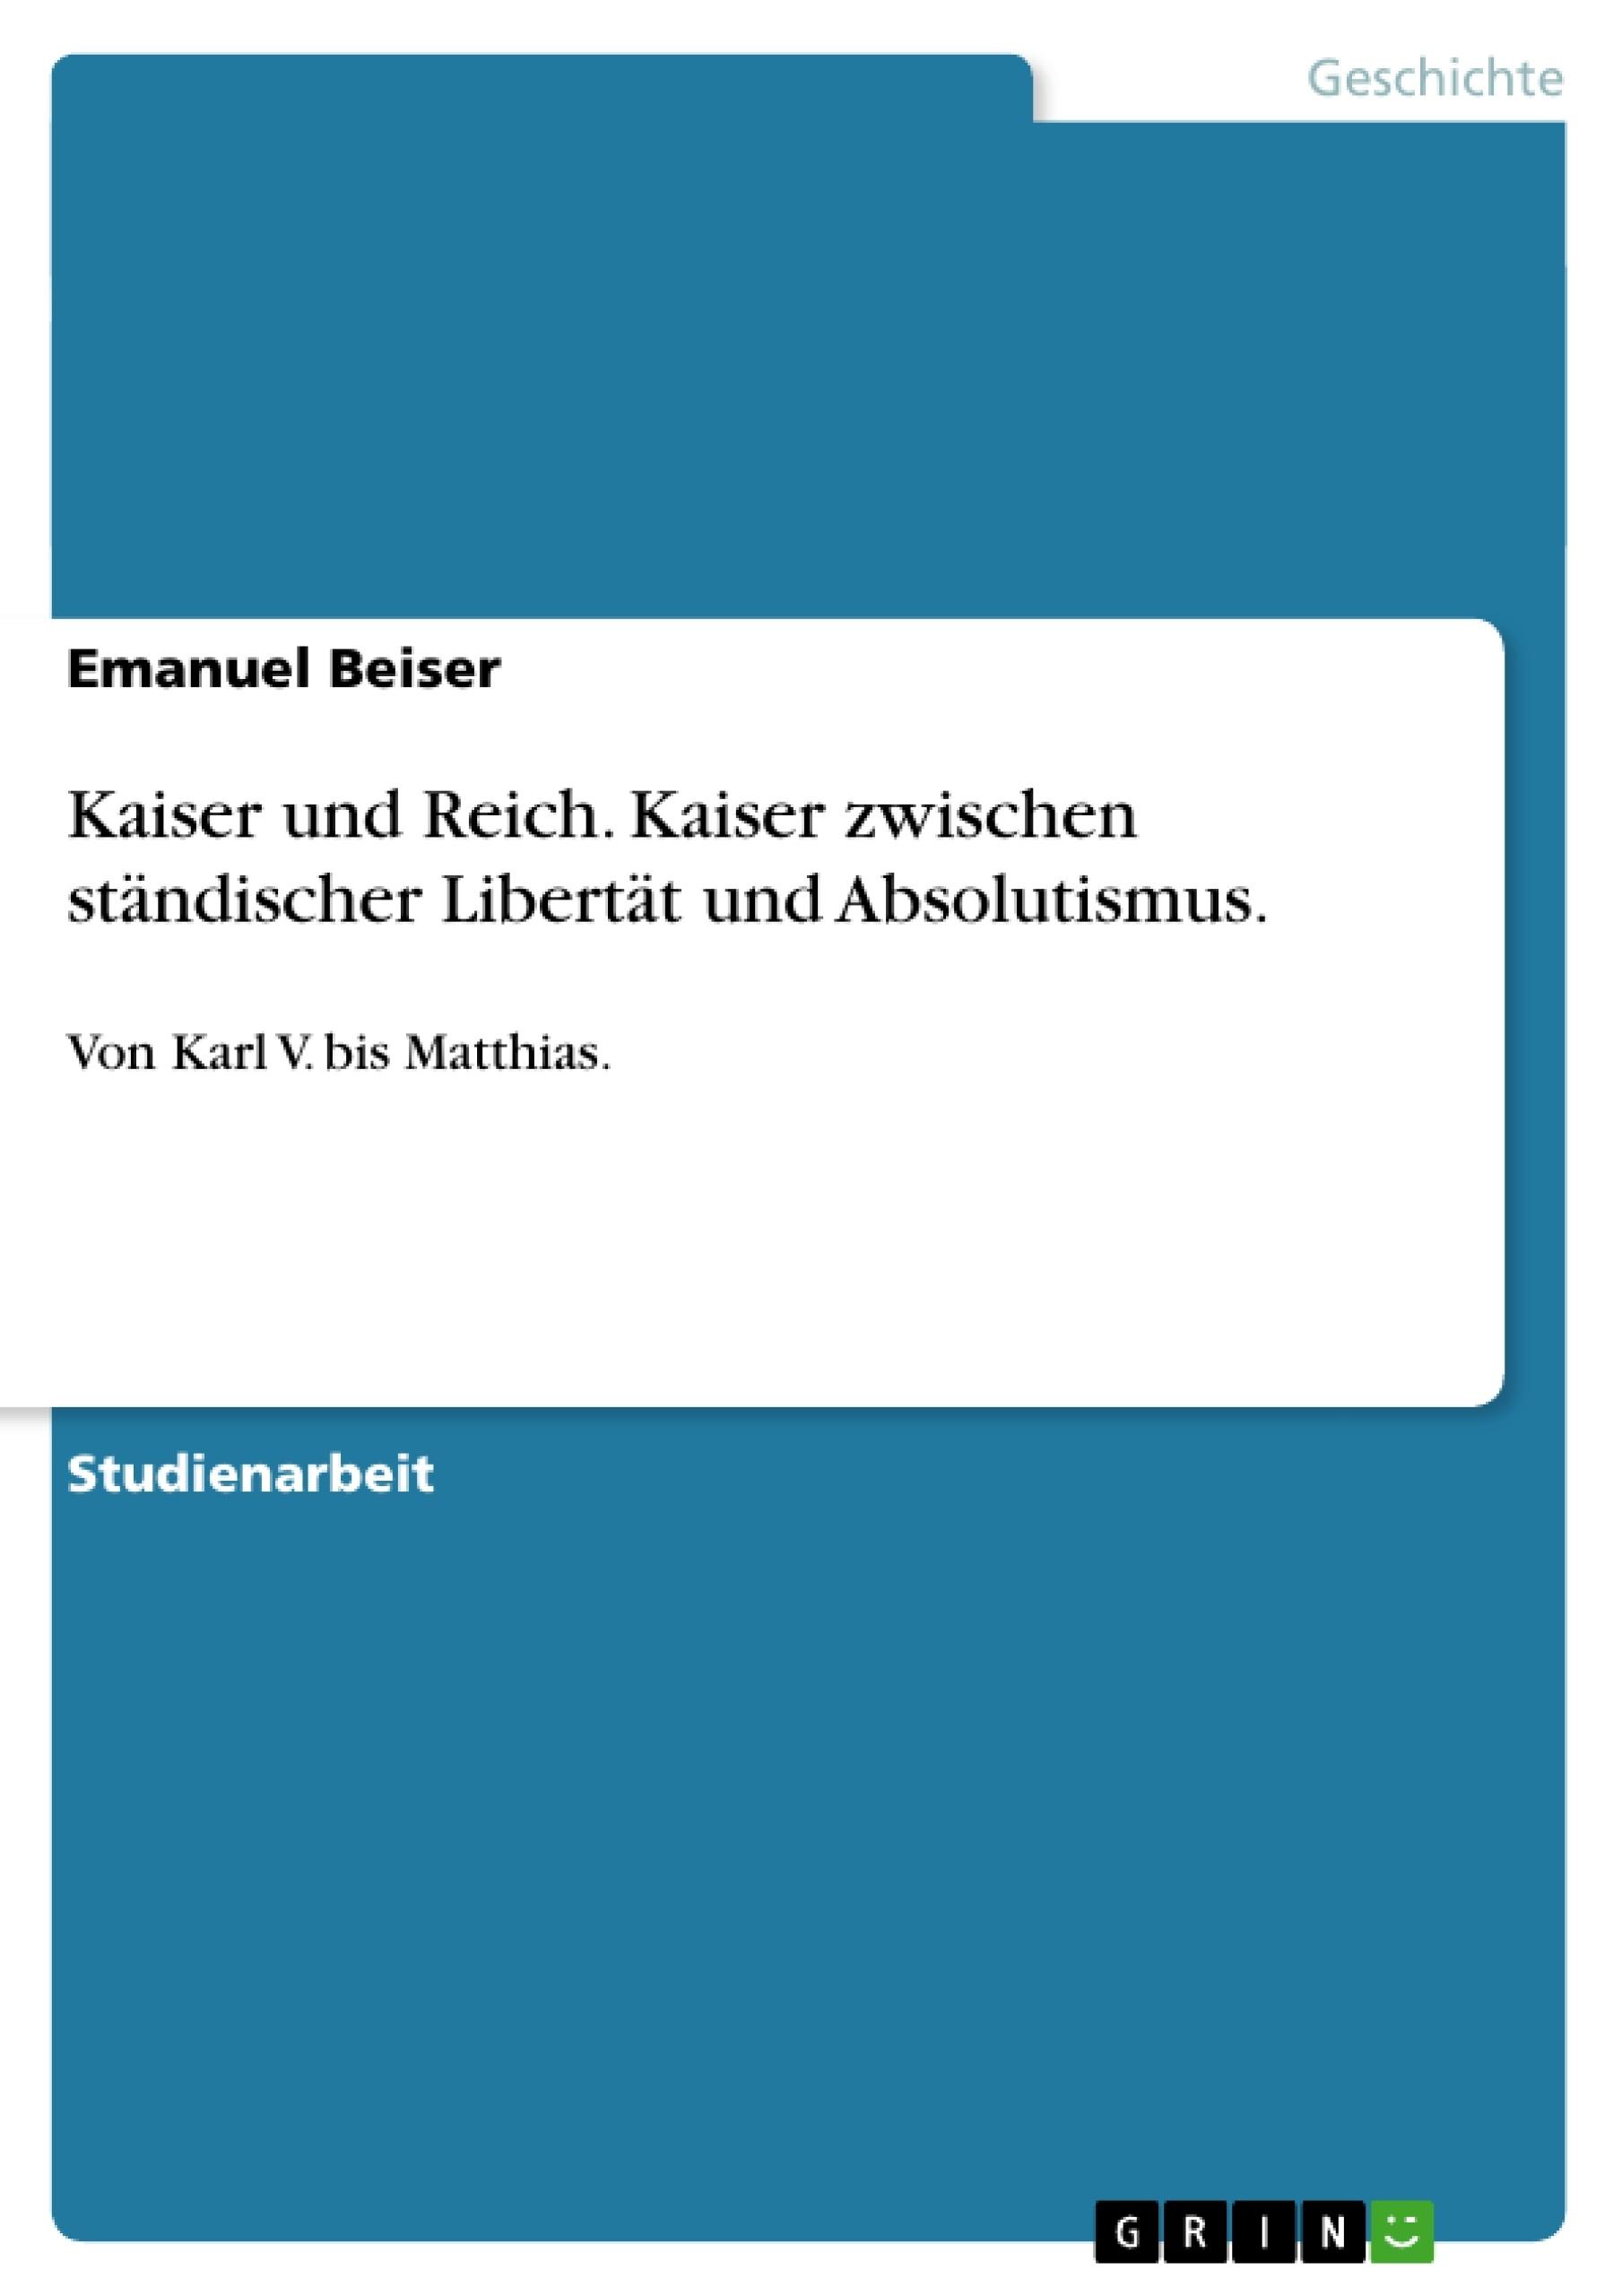 Titel: Kaiser und Reich.  Kaiser zwischen ständischer Libertät und Absolutismus.